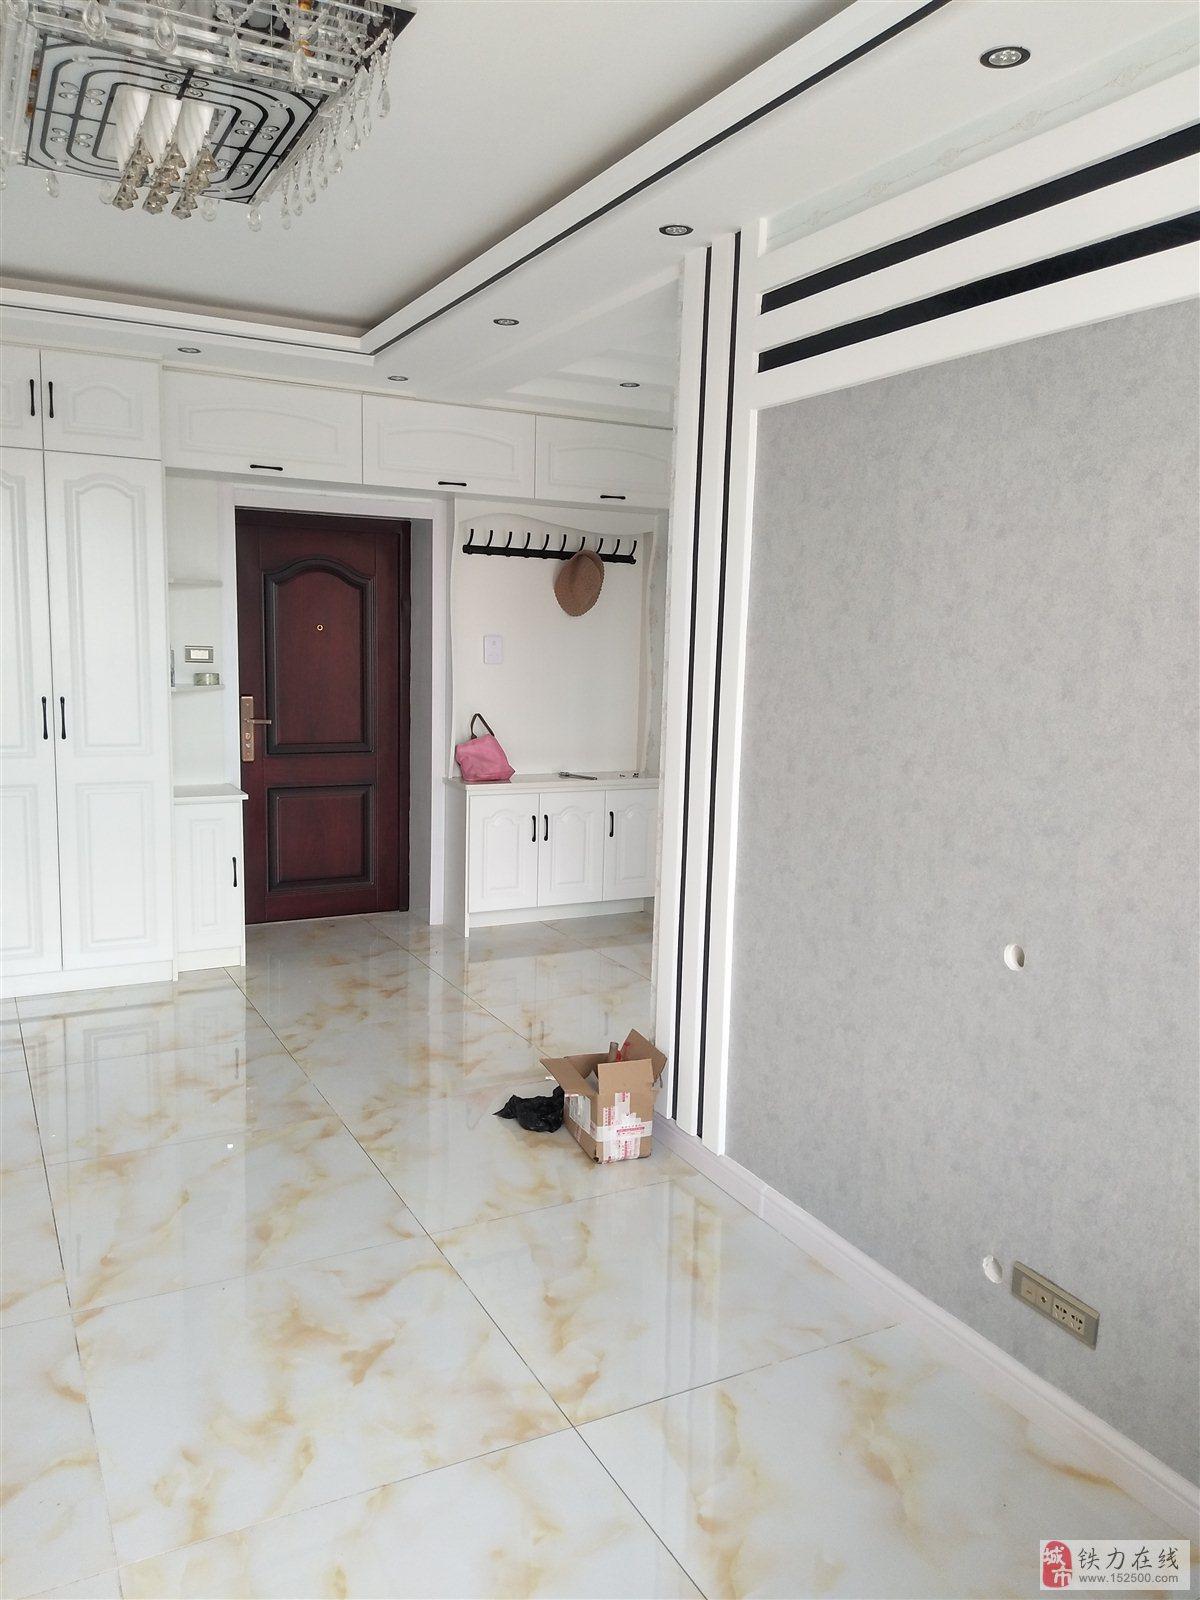 世纪尚都小区1室 1厅 1卫13.8万元